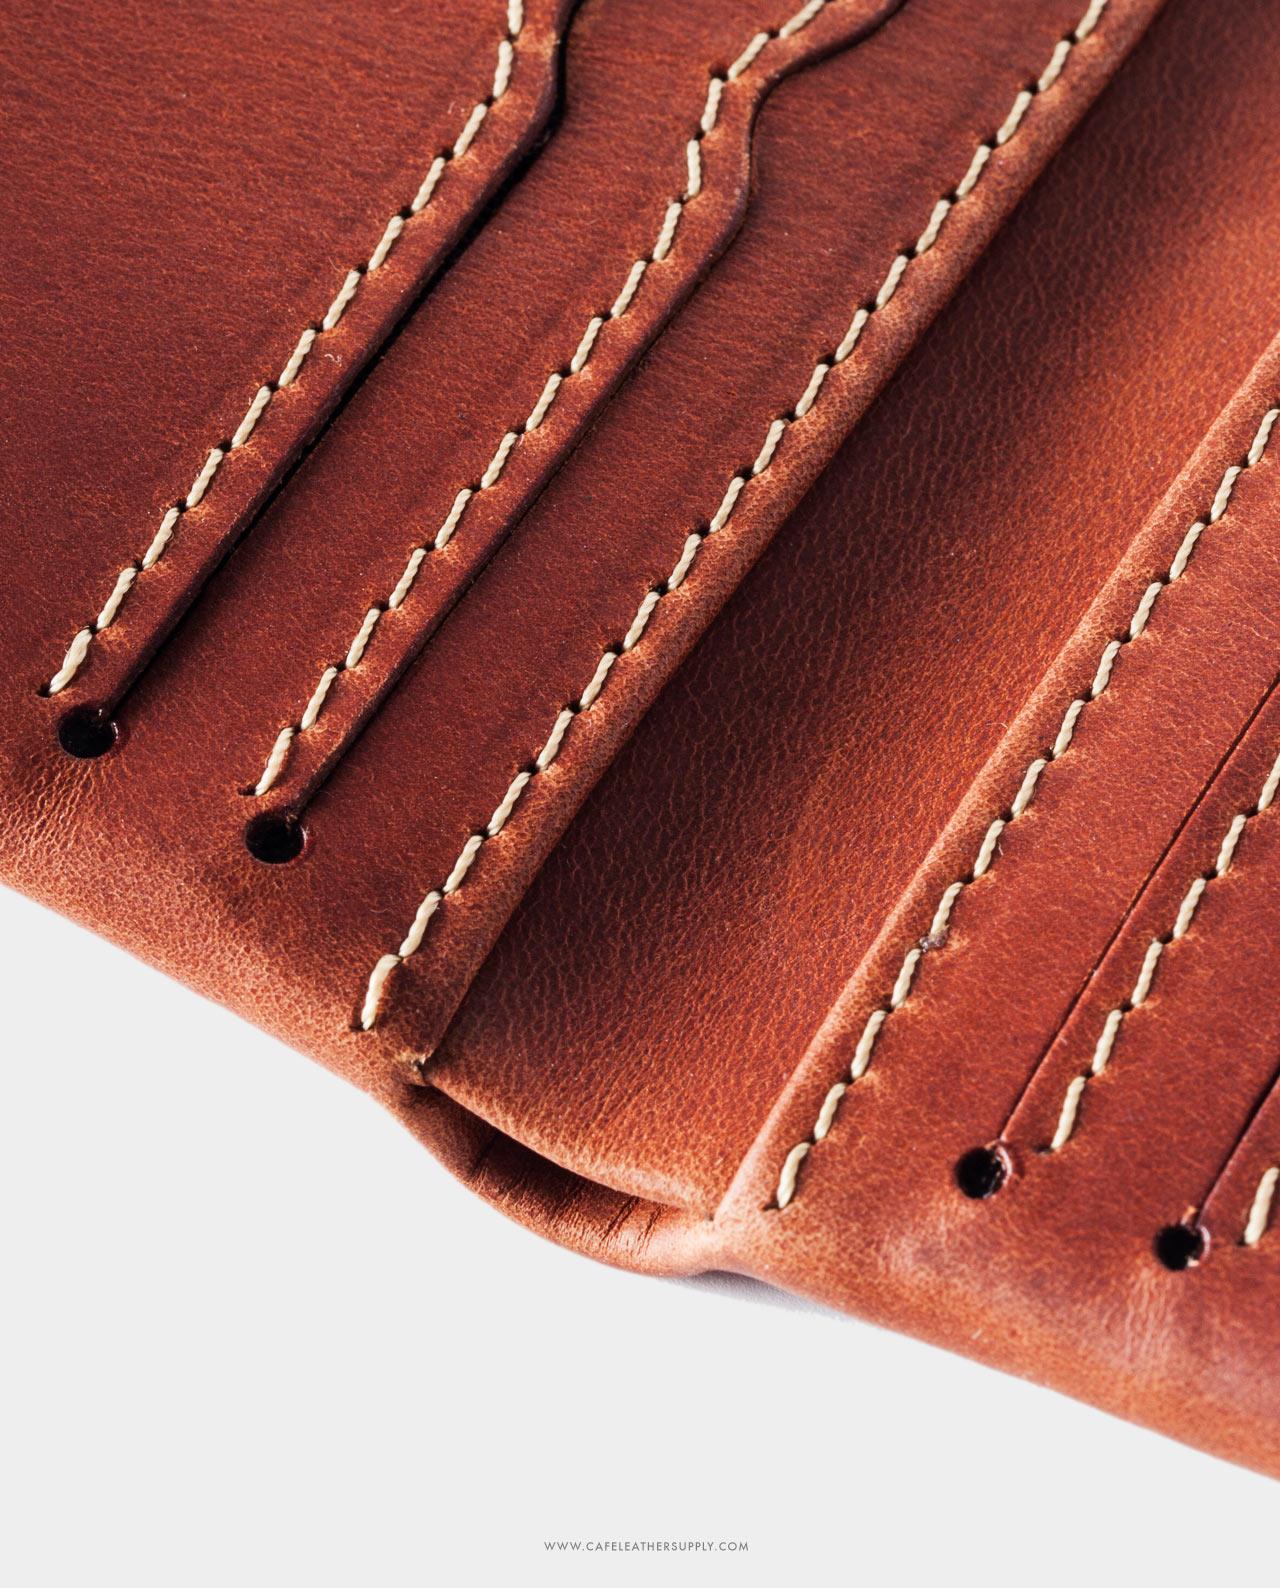 Detalle de costura de la cartera de piel costa rica roasted. Thread detail.